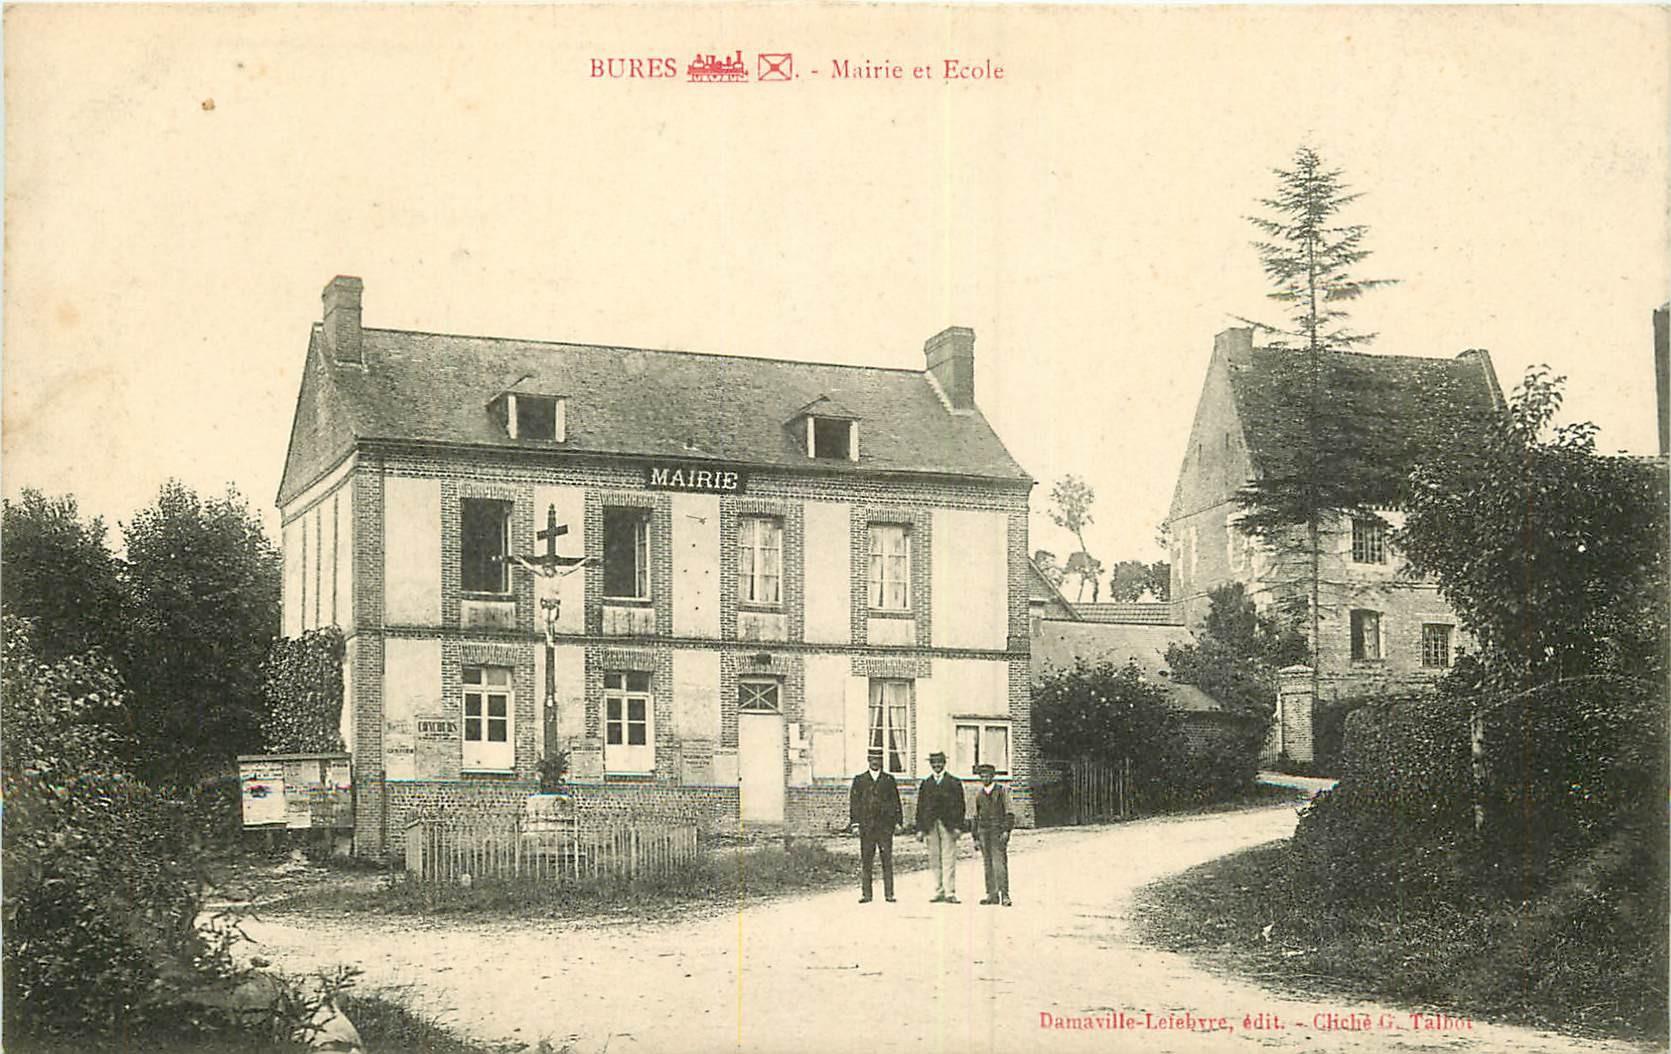 WW 76 BURES. Mairie et Ecole